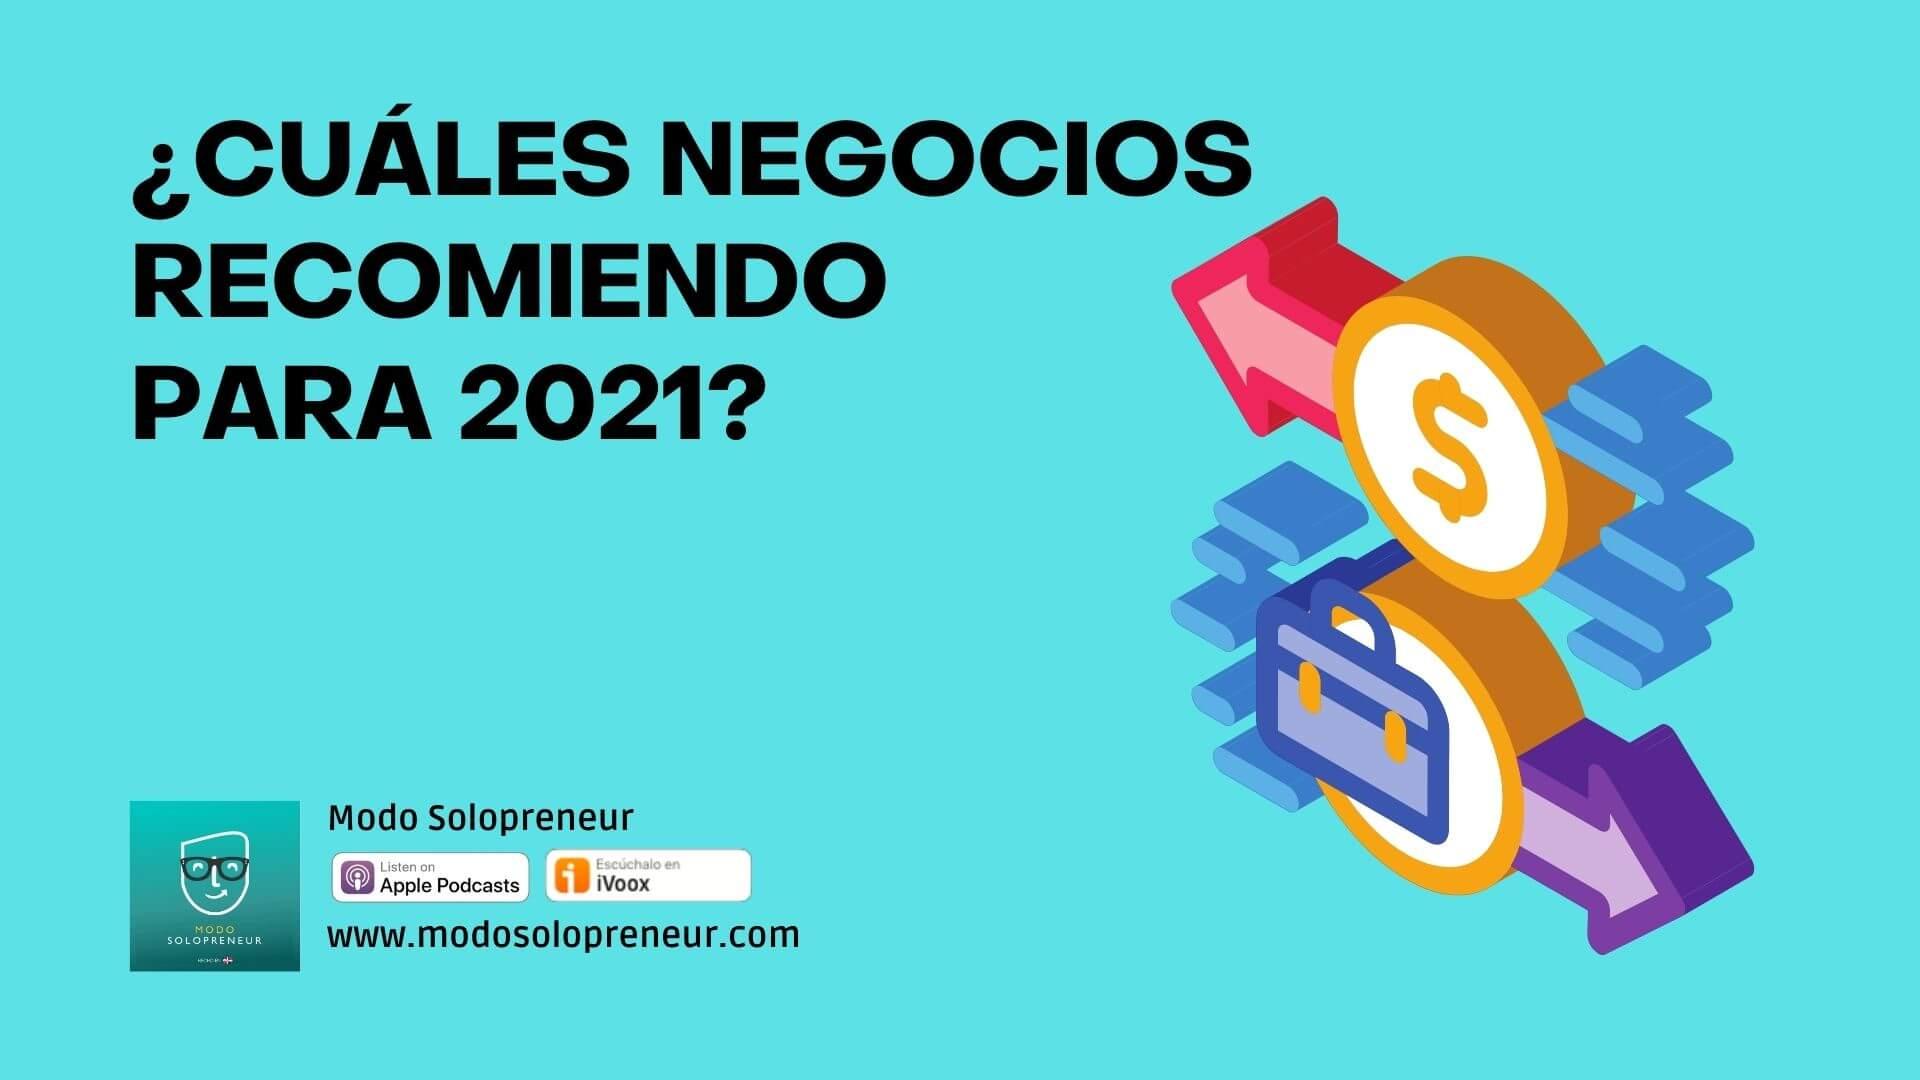 ¿Qué Negocios Recomiendo para Comenzar el Año 2021?